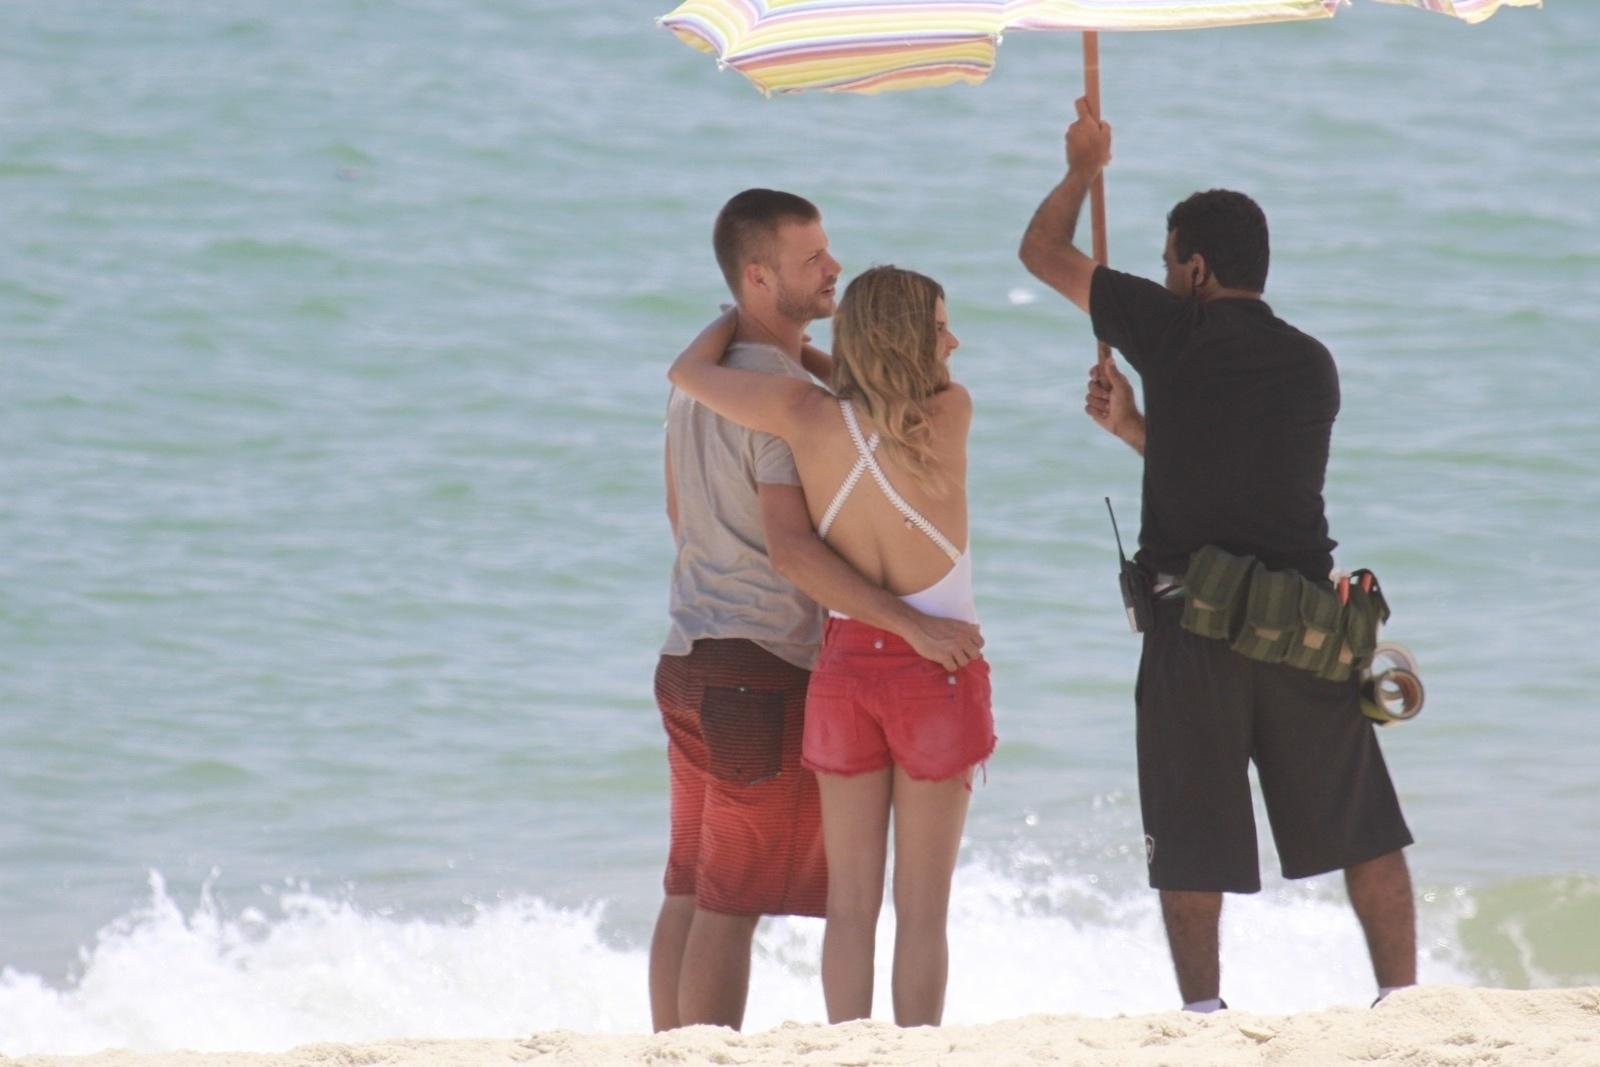 9.jan.2014 - Fernanda Lima e Rodrigo Hilbert gravaram comercial na praia da Barra da Tijuca, zona oeste do Rio. Sem perceber a presença do paparazzo, Rodrigo acabou sendo clicado enquanto dava uma